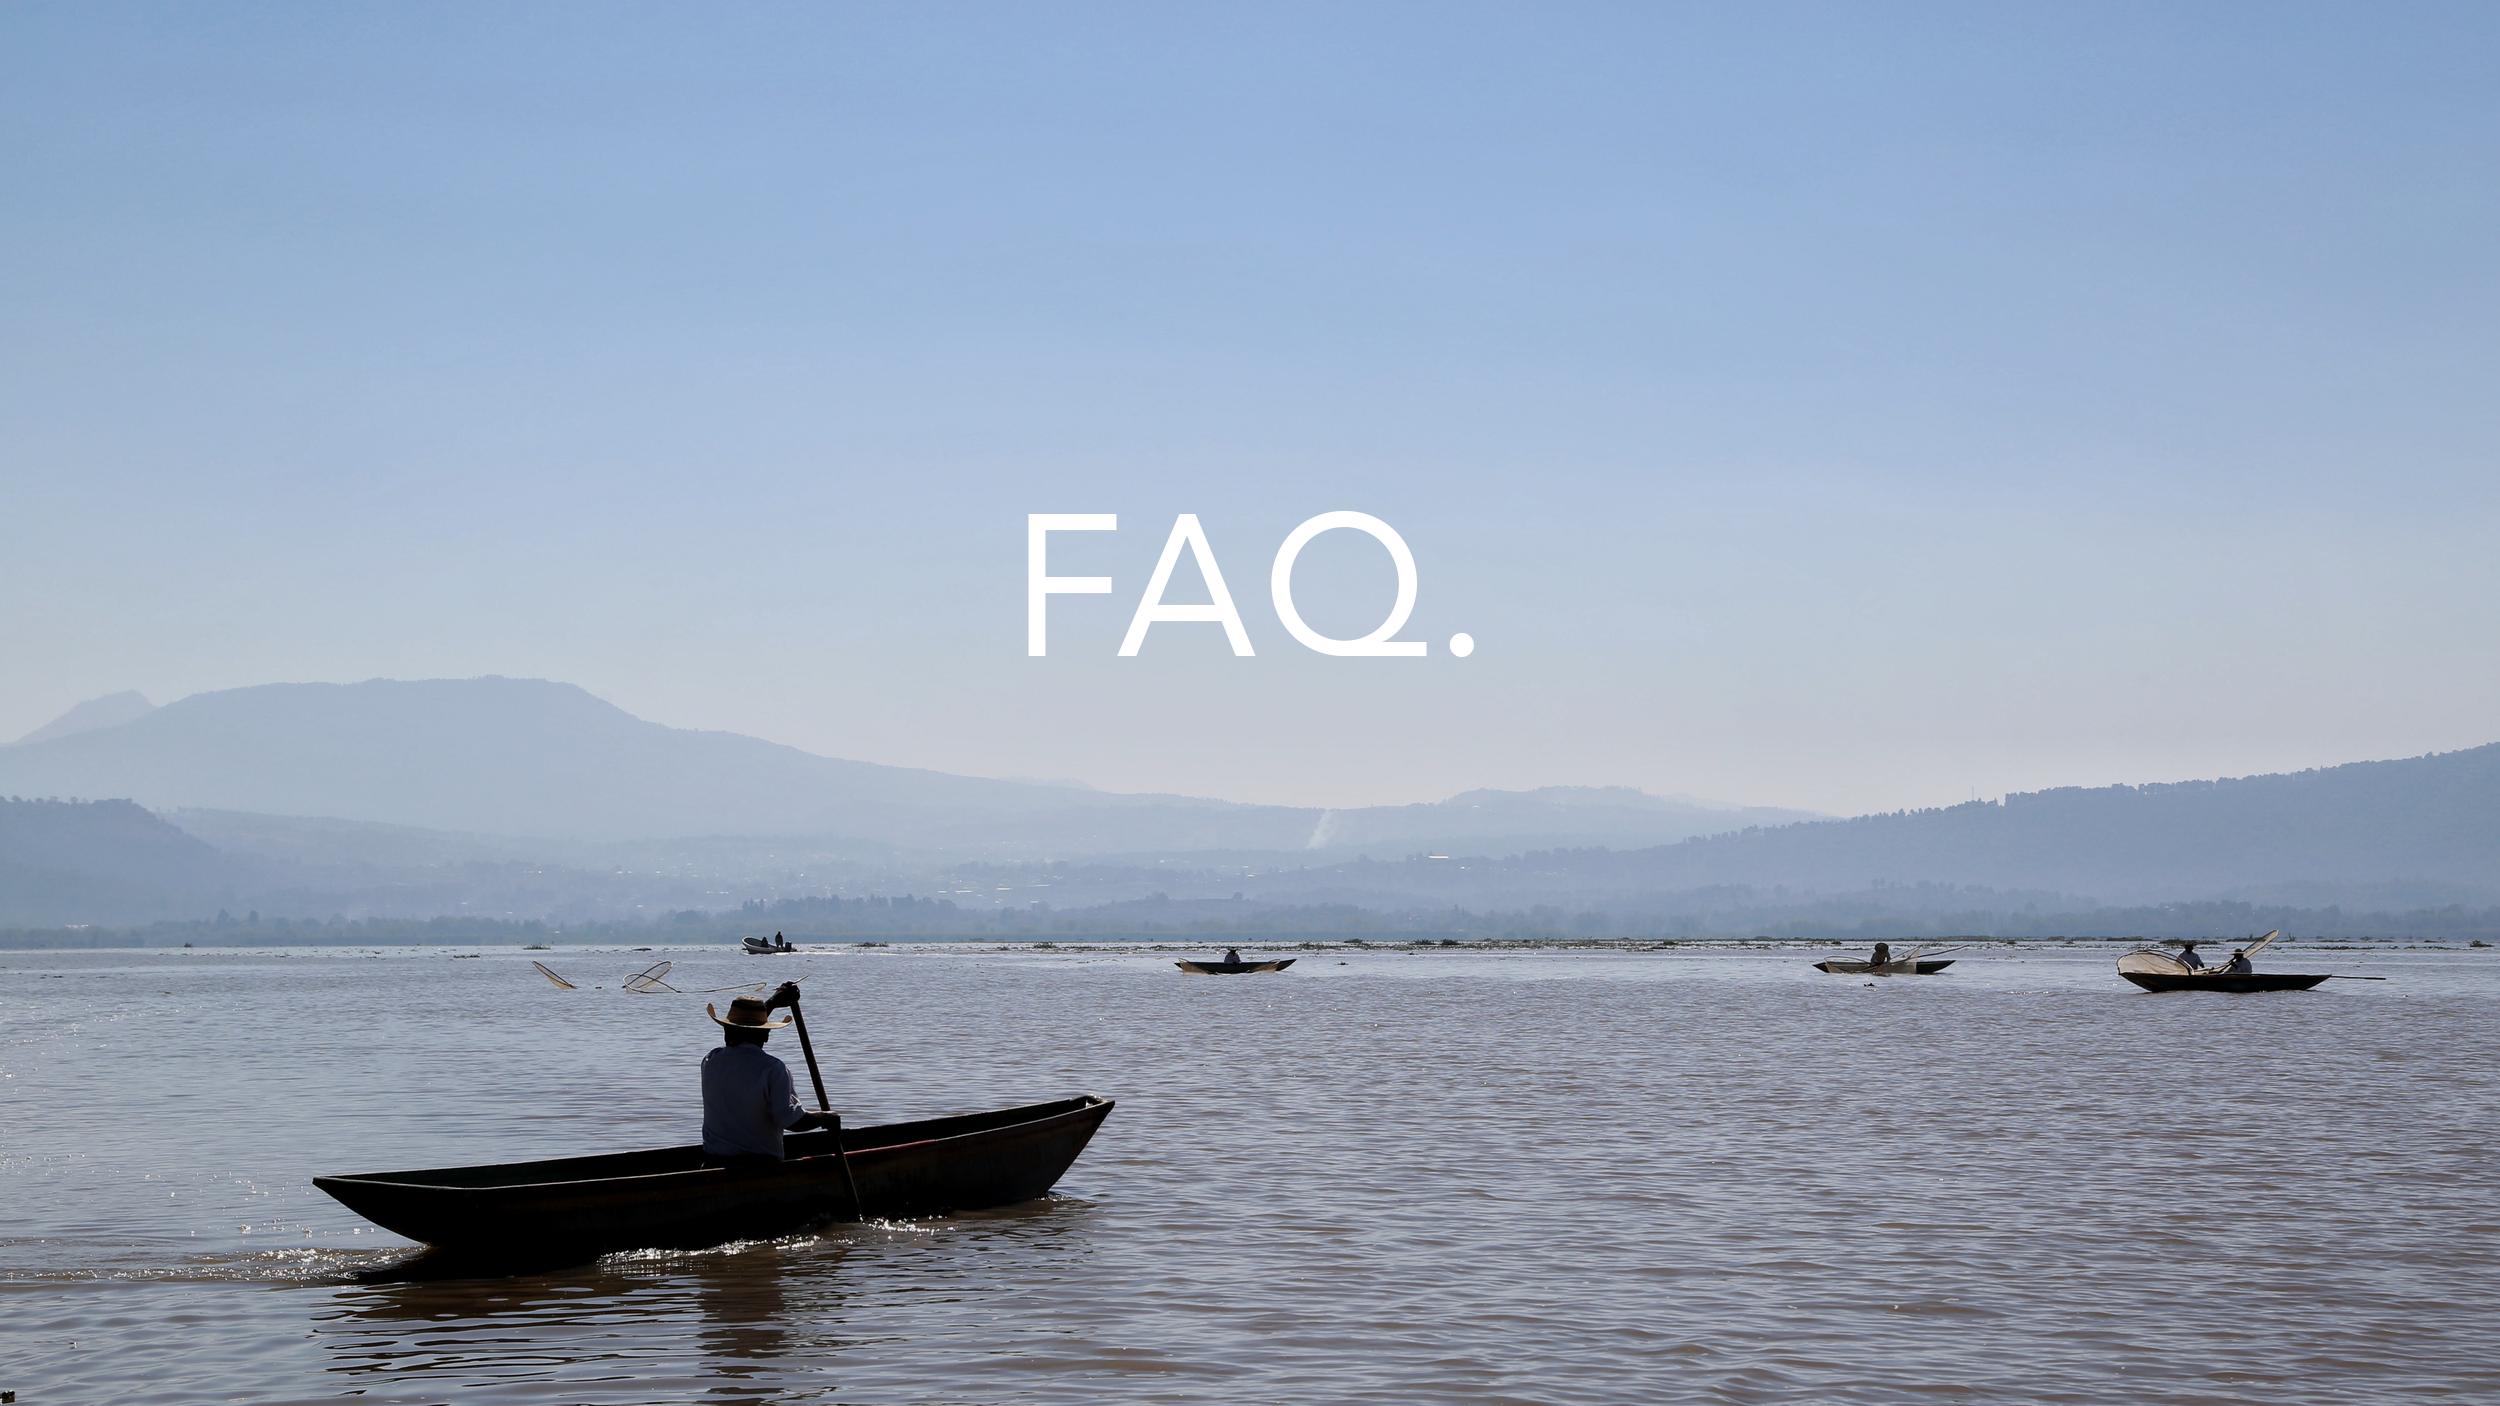 FAQ_boat.png